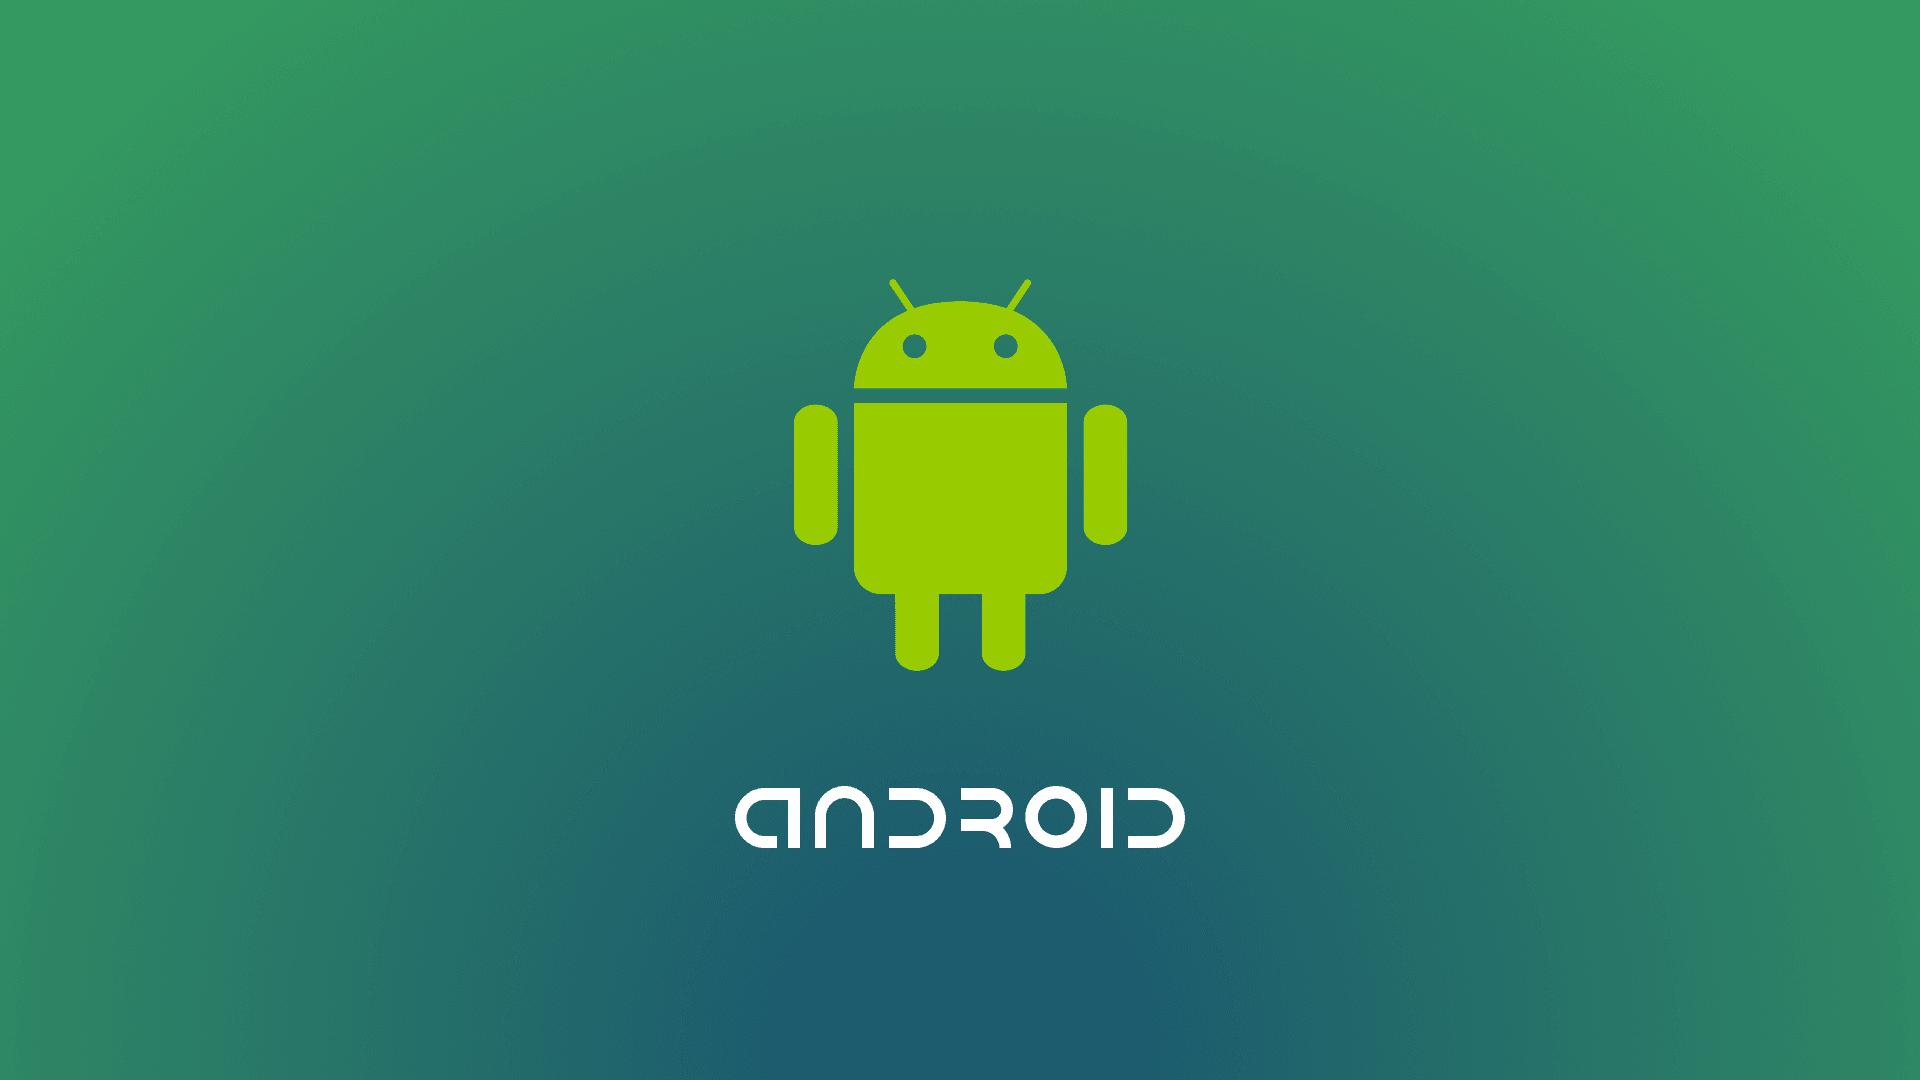 Biểu tượng của hệ điều hành Android